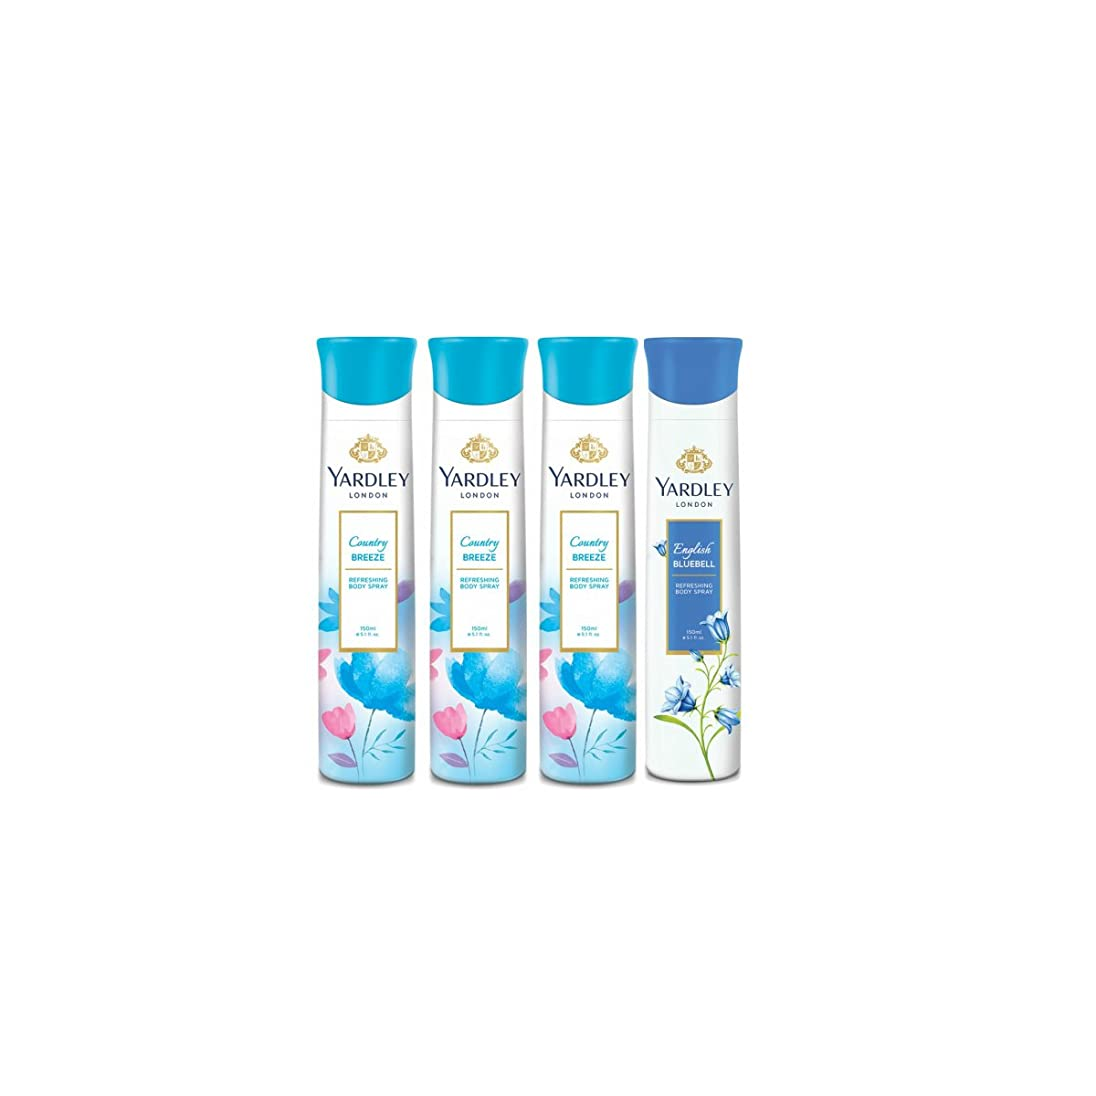 腐敗したステレオタイプ年次Yardley London Three Country Breeze & One English Bluebell Deodorant Combo for Women(150 ml each) - India